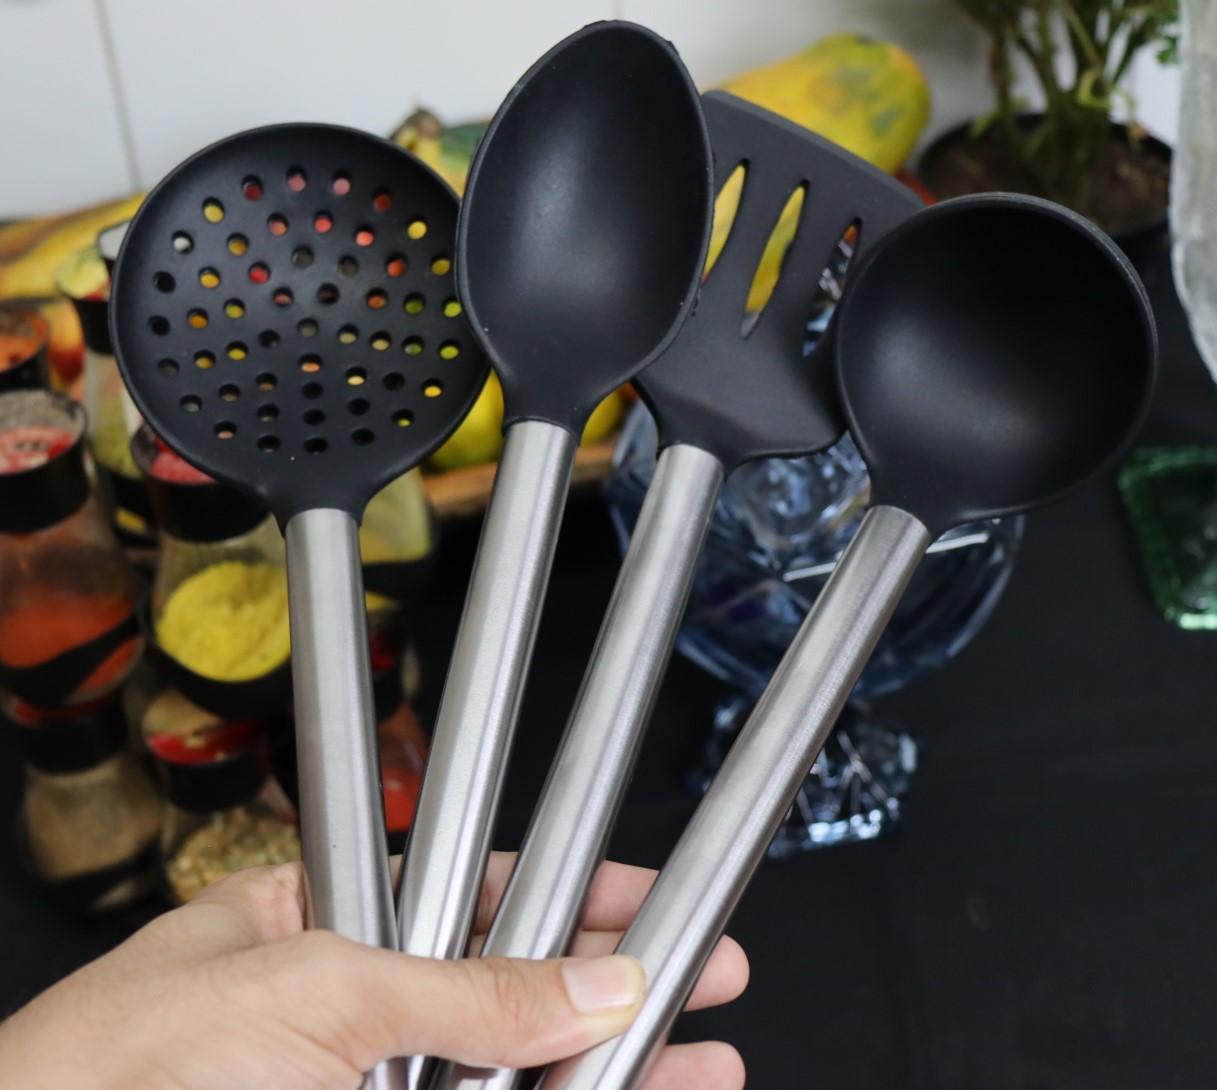 kit jogo Utensílios de cozinha silicone inox 4 peças colher concha espatula escumadeira livre de bpa